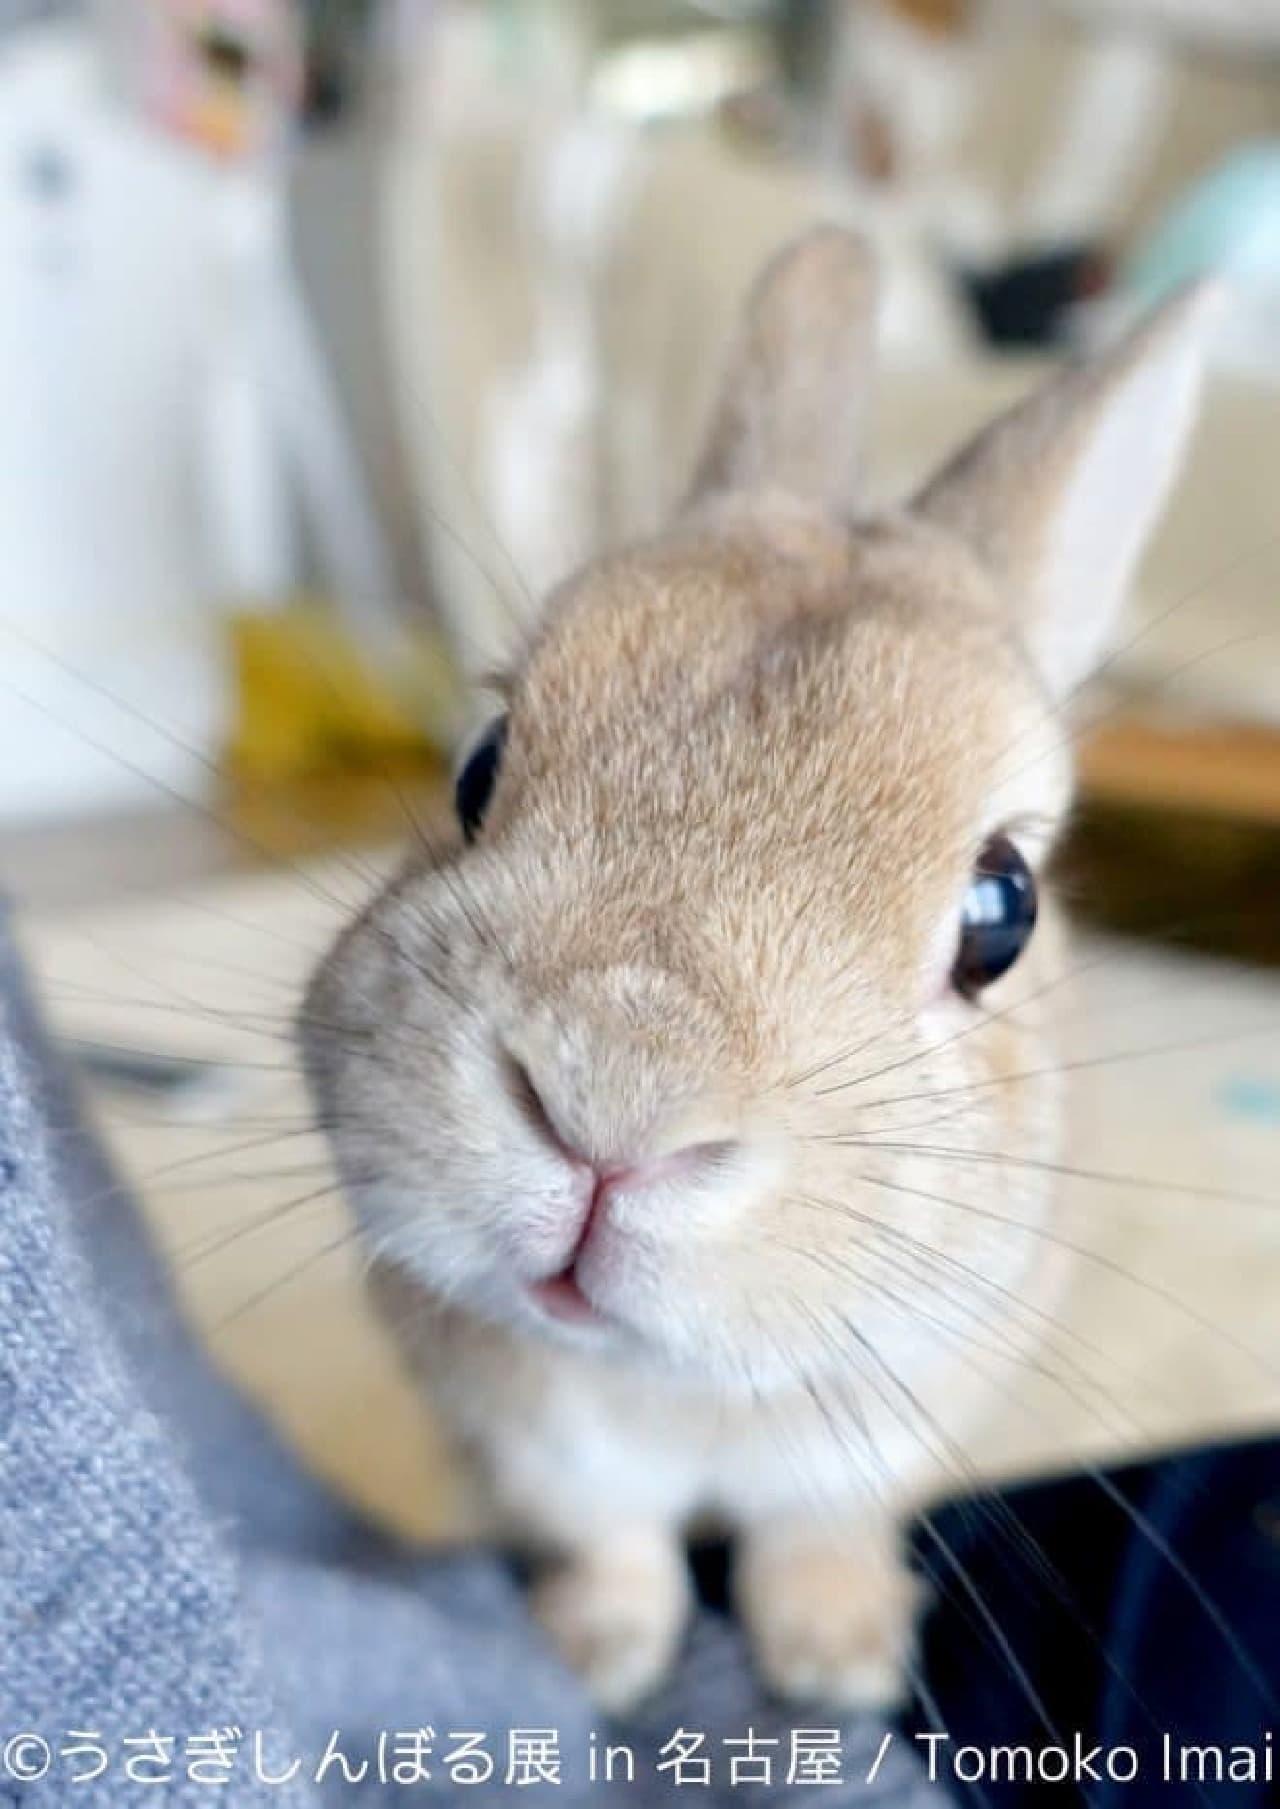 もふもふもきゅもきゅ、秋ウサギ♪―「うさぎしんぼる展 in 名古屋」